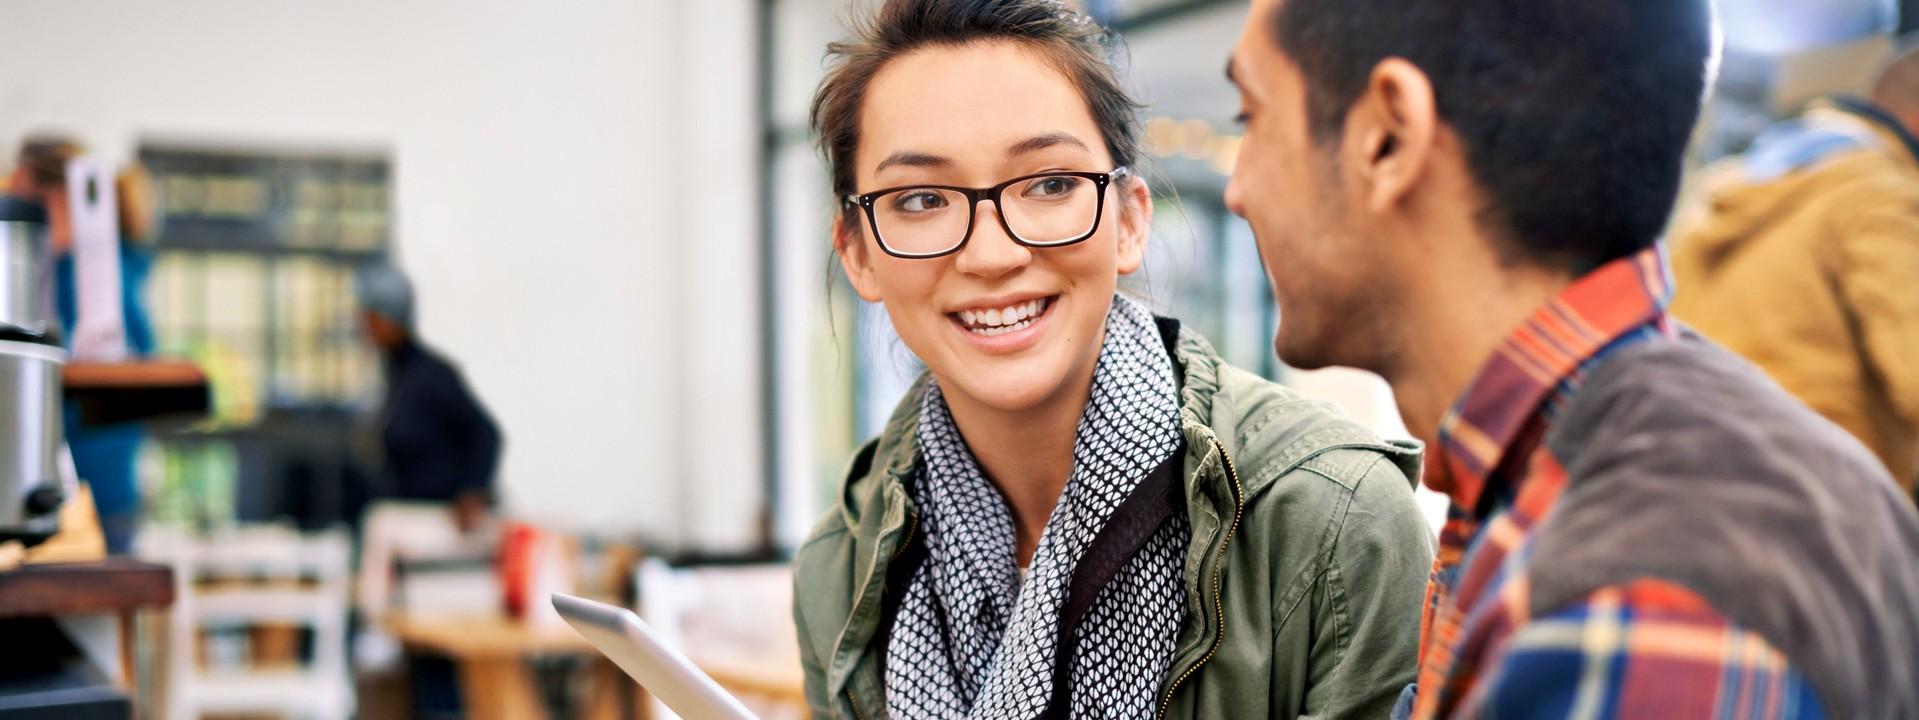 Eine junge Frau mit Brille und grüner Jacke unterhält sich mit einem jungen Mann mit kariertem Hemd. Beide lächeln sich an und halten ein Tablet in der Hand.